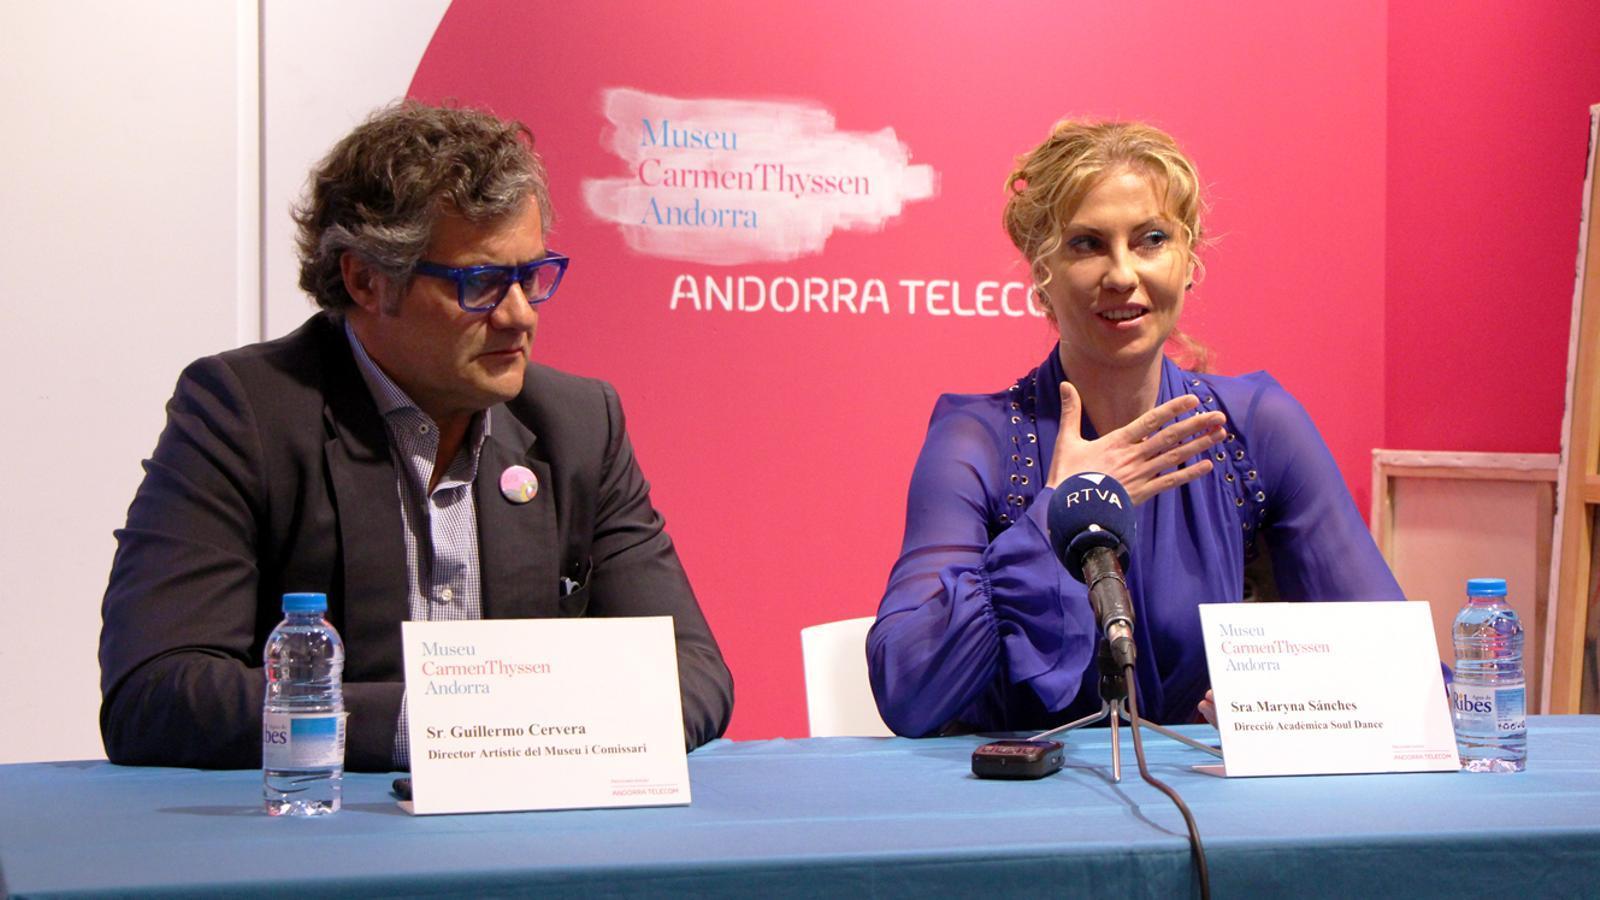 El director artístic del museu, Guillermo Cervera, i la directora de l'acadèmia Soul Dance, Maryna Sánches, en la presentació del #DansArt. / T. N.